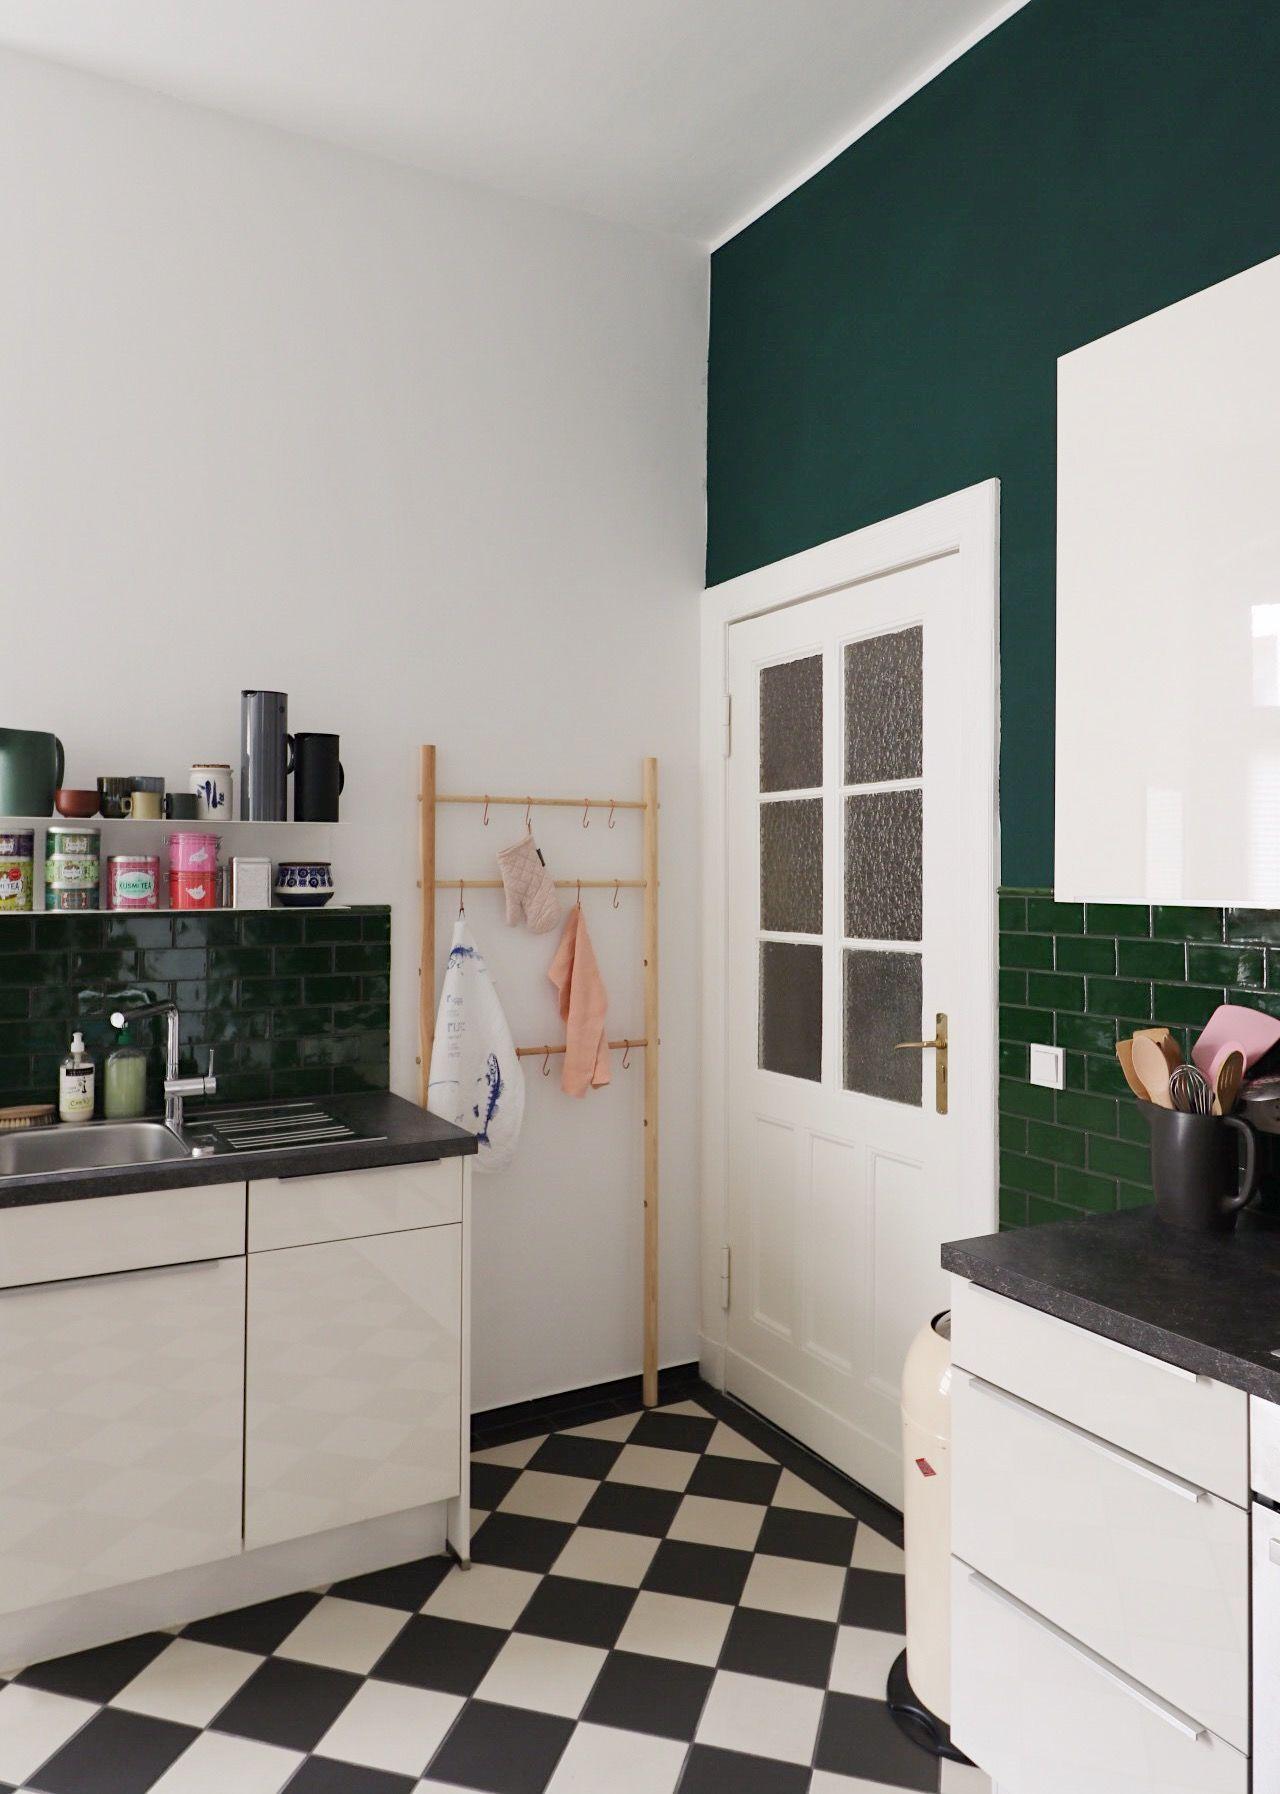 Full Size of Landhausküche Grün Gebraucht Grau Grünes Sofa Weisse Weiß Moderne Küche Mintgrün Regal Wohnzimmer Landhausküche Grün